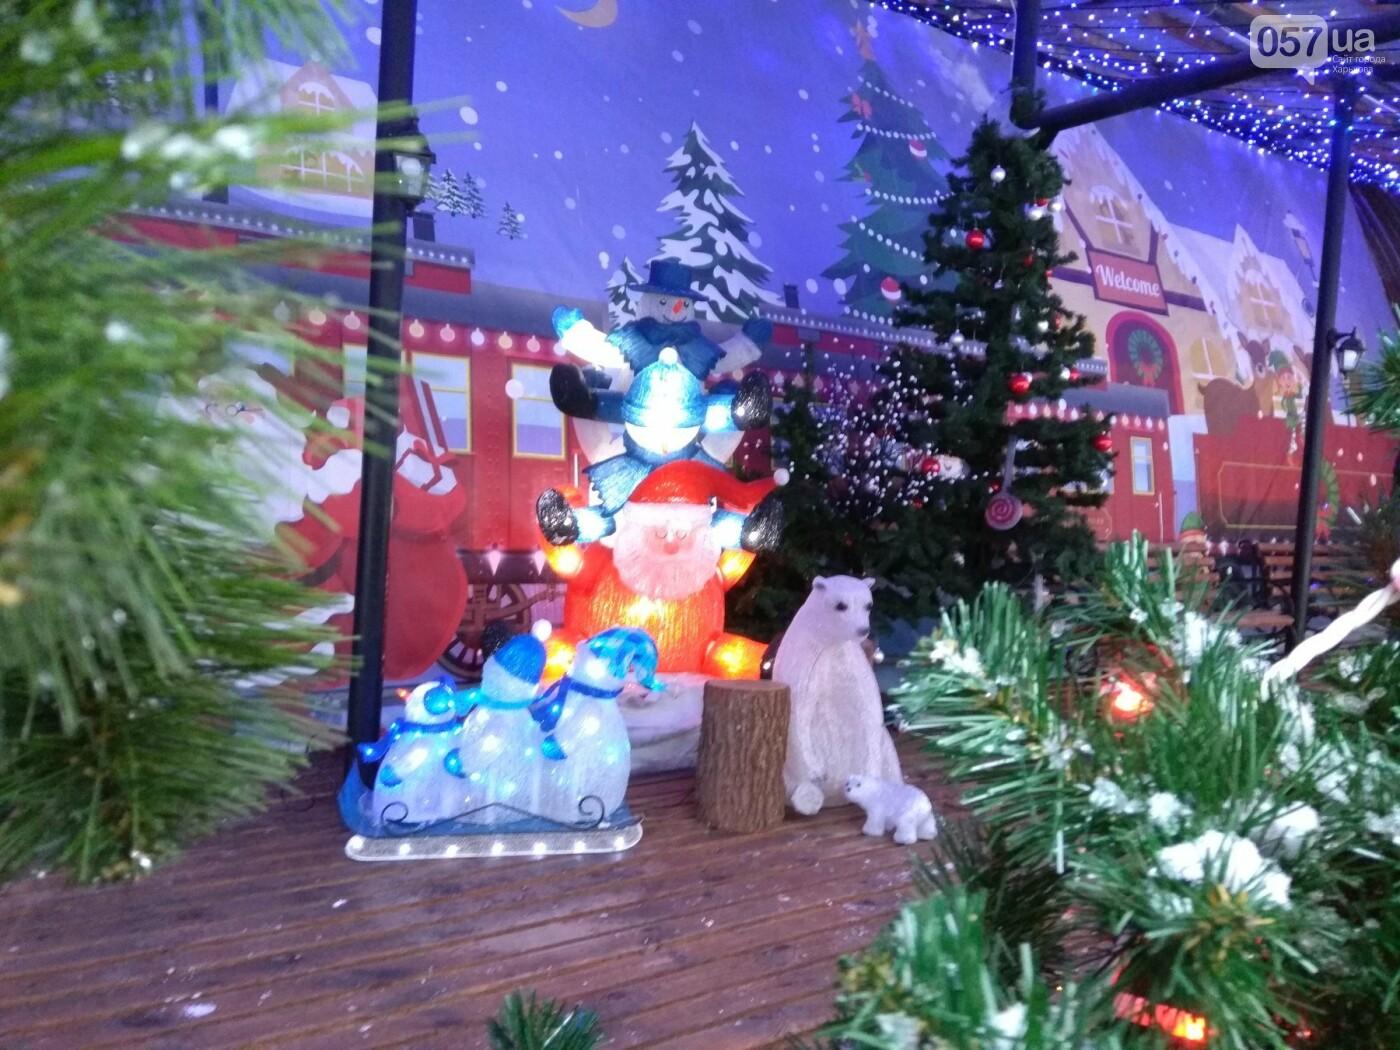 Фабрика елочных игрушек под Киевом. Куда харьковчане могут поехать на выходных, - ФОТО, фото-39